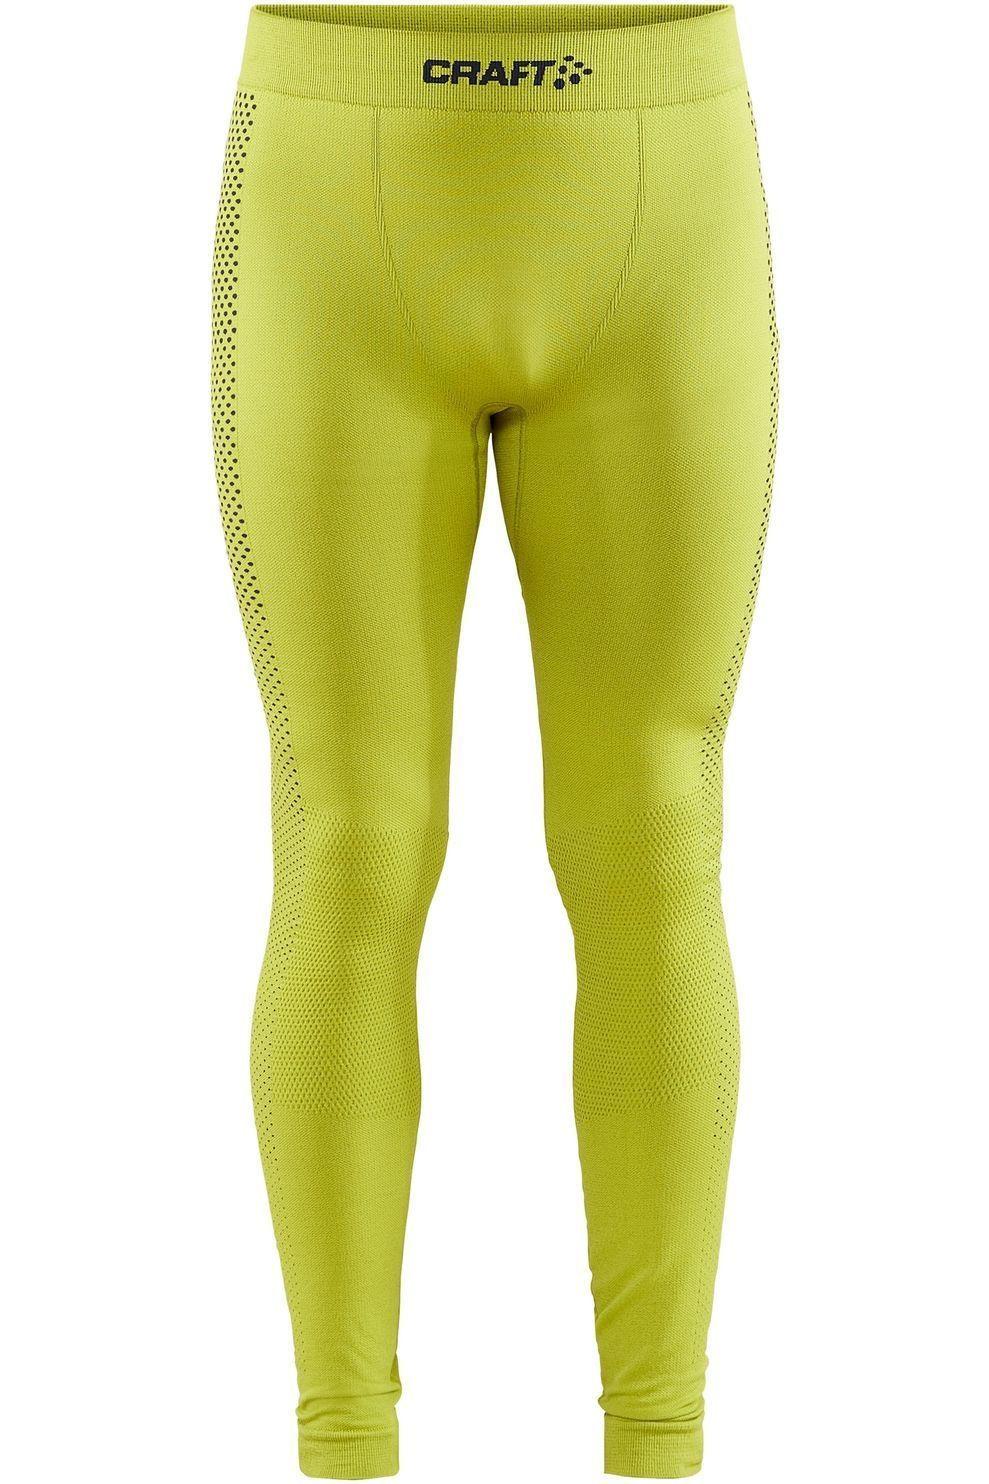 Craft Legging Adv Fuseknit Intensity voor heren - Geel - Maten: S, M, L, XL - Nieuwe collectie